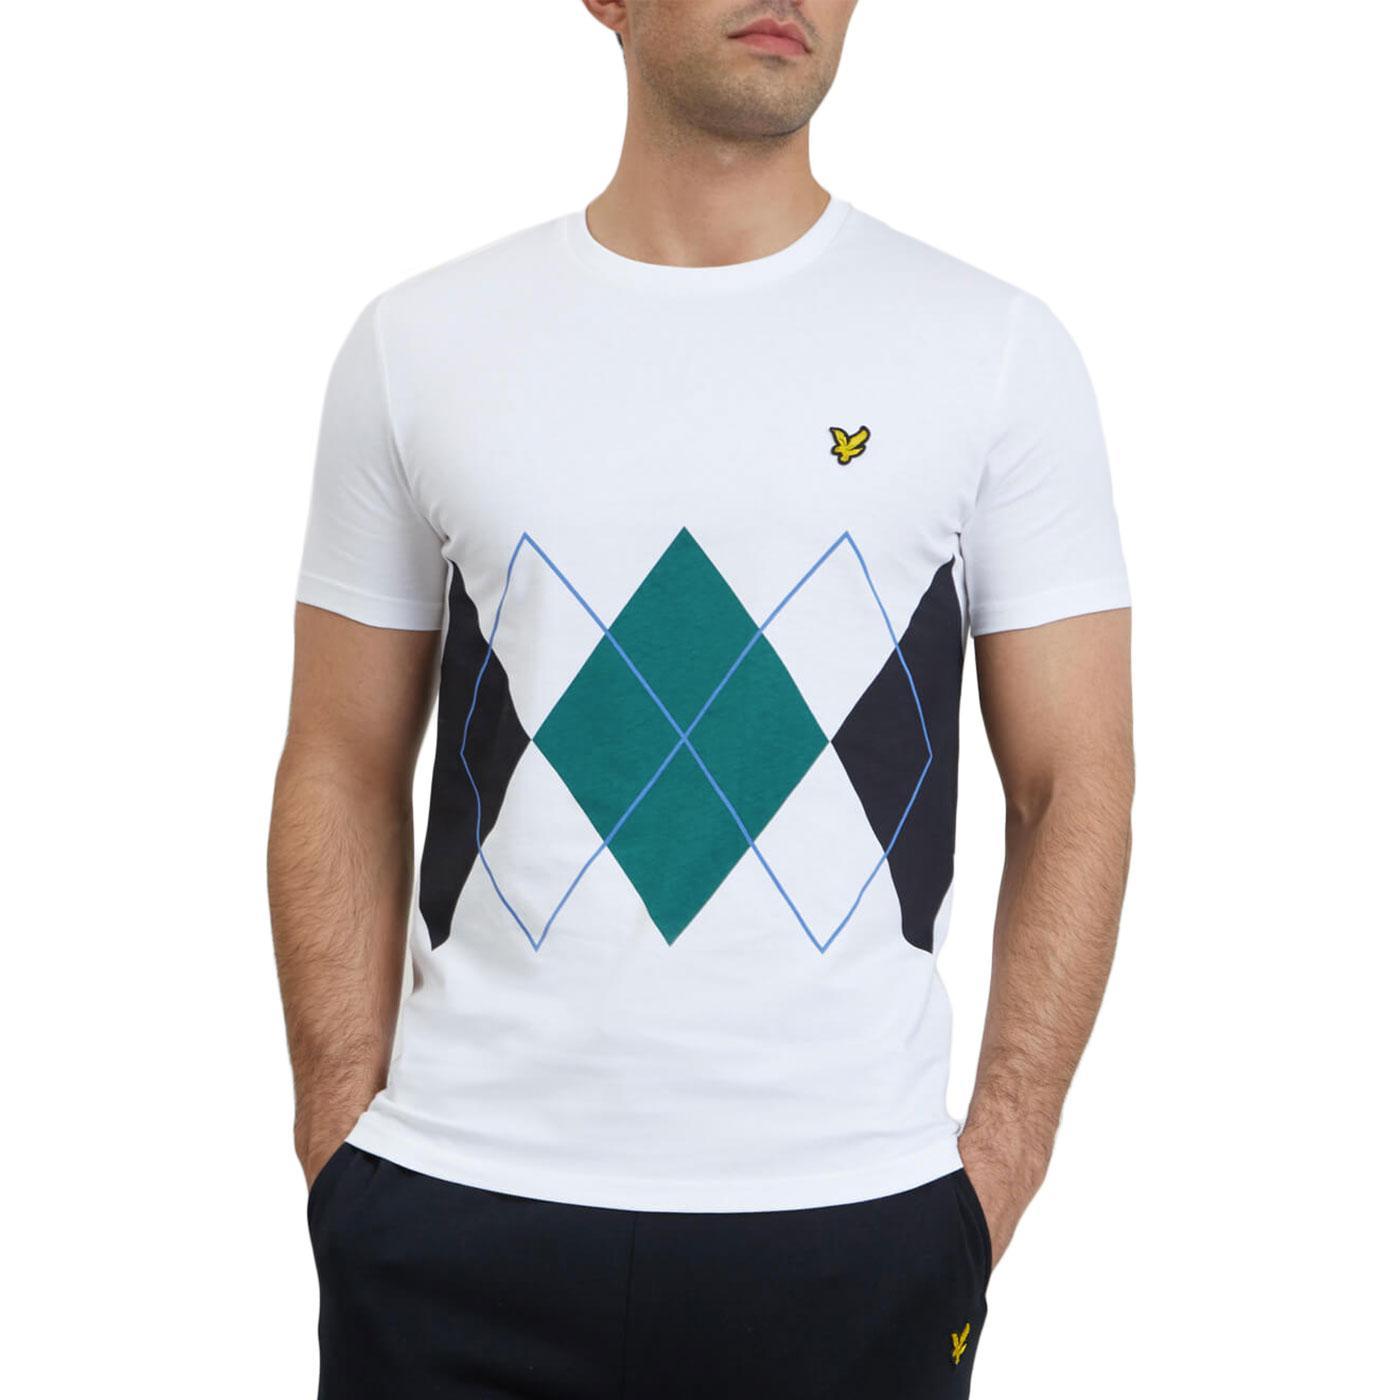 LYLE & SCOTT Retro Mod Argyle Print T-Shirt WHITE